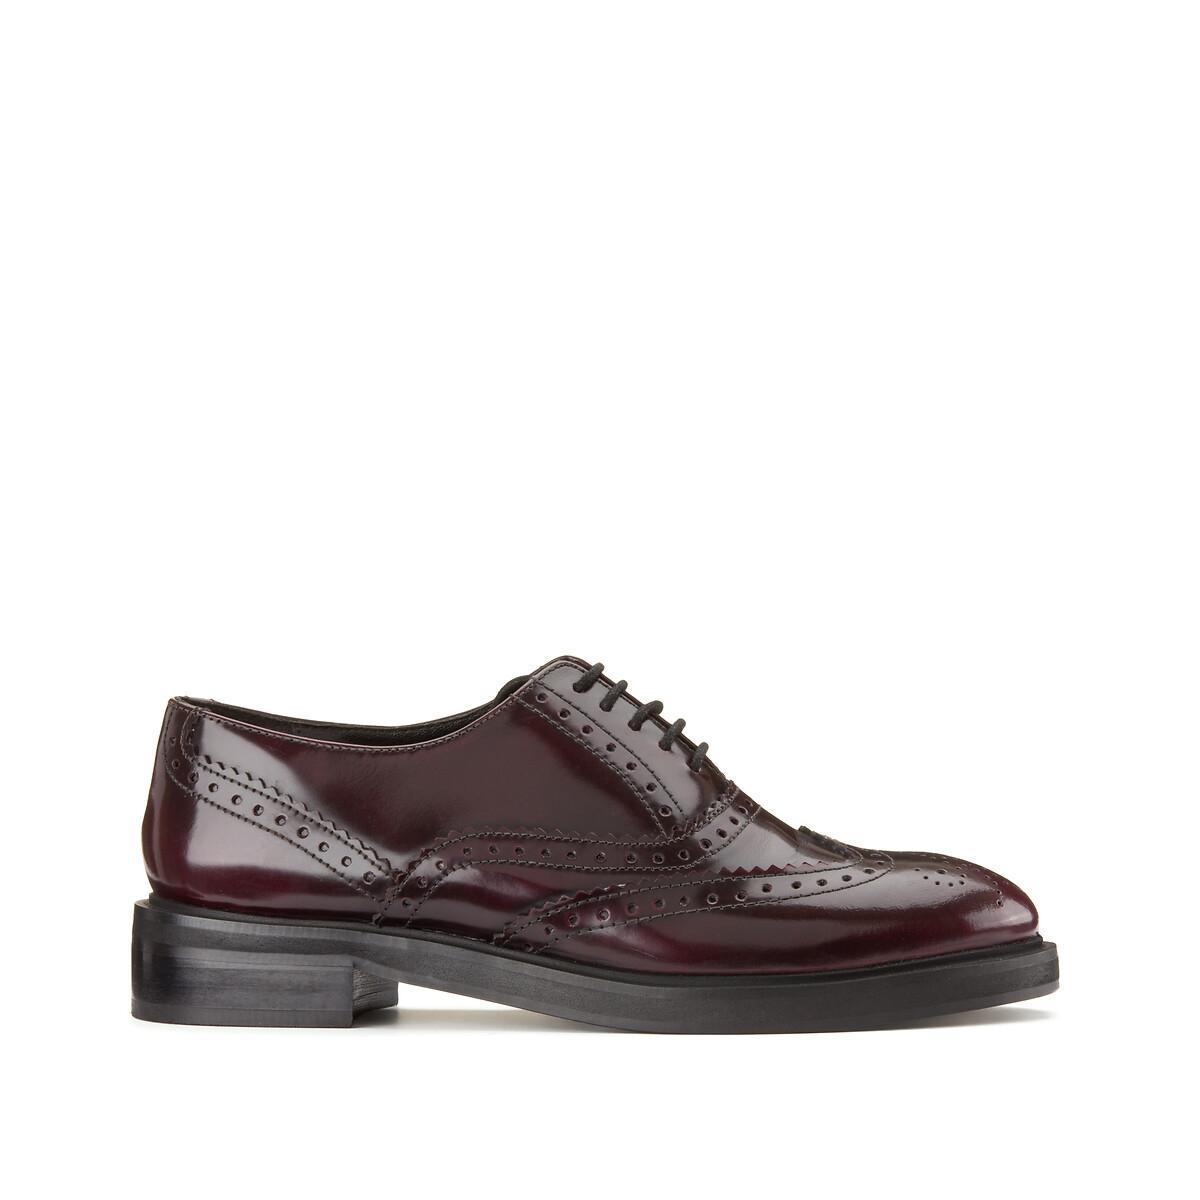 Ботинки-дерби LaRedoute Из кожи с разукрашенным мыском 42 красный ботинки дерби из кожи teadale maira